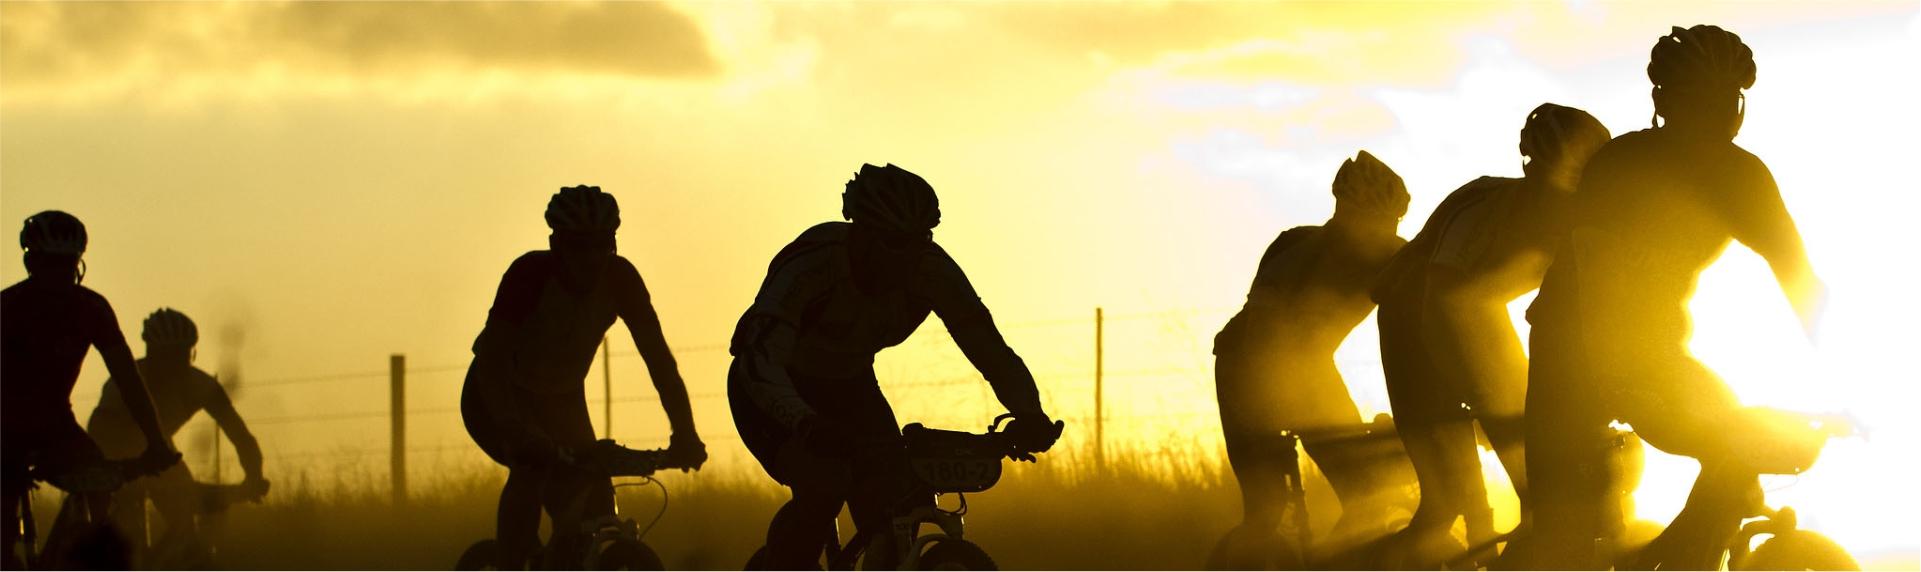 sistime-circuito-putz-bike-festival-sussa-capa-2016